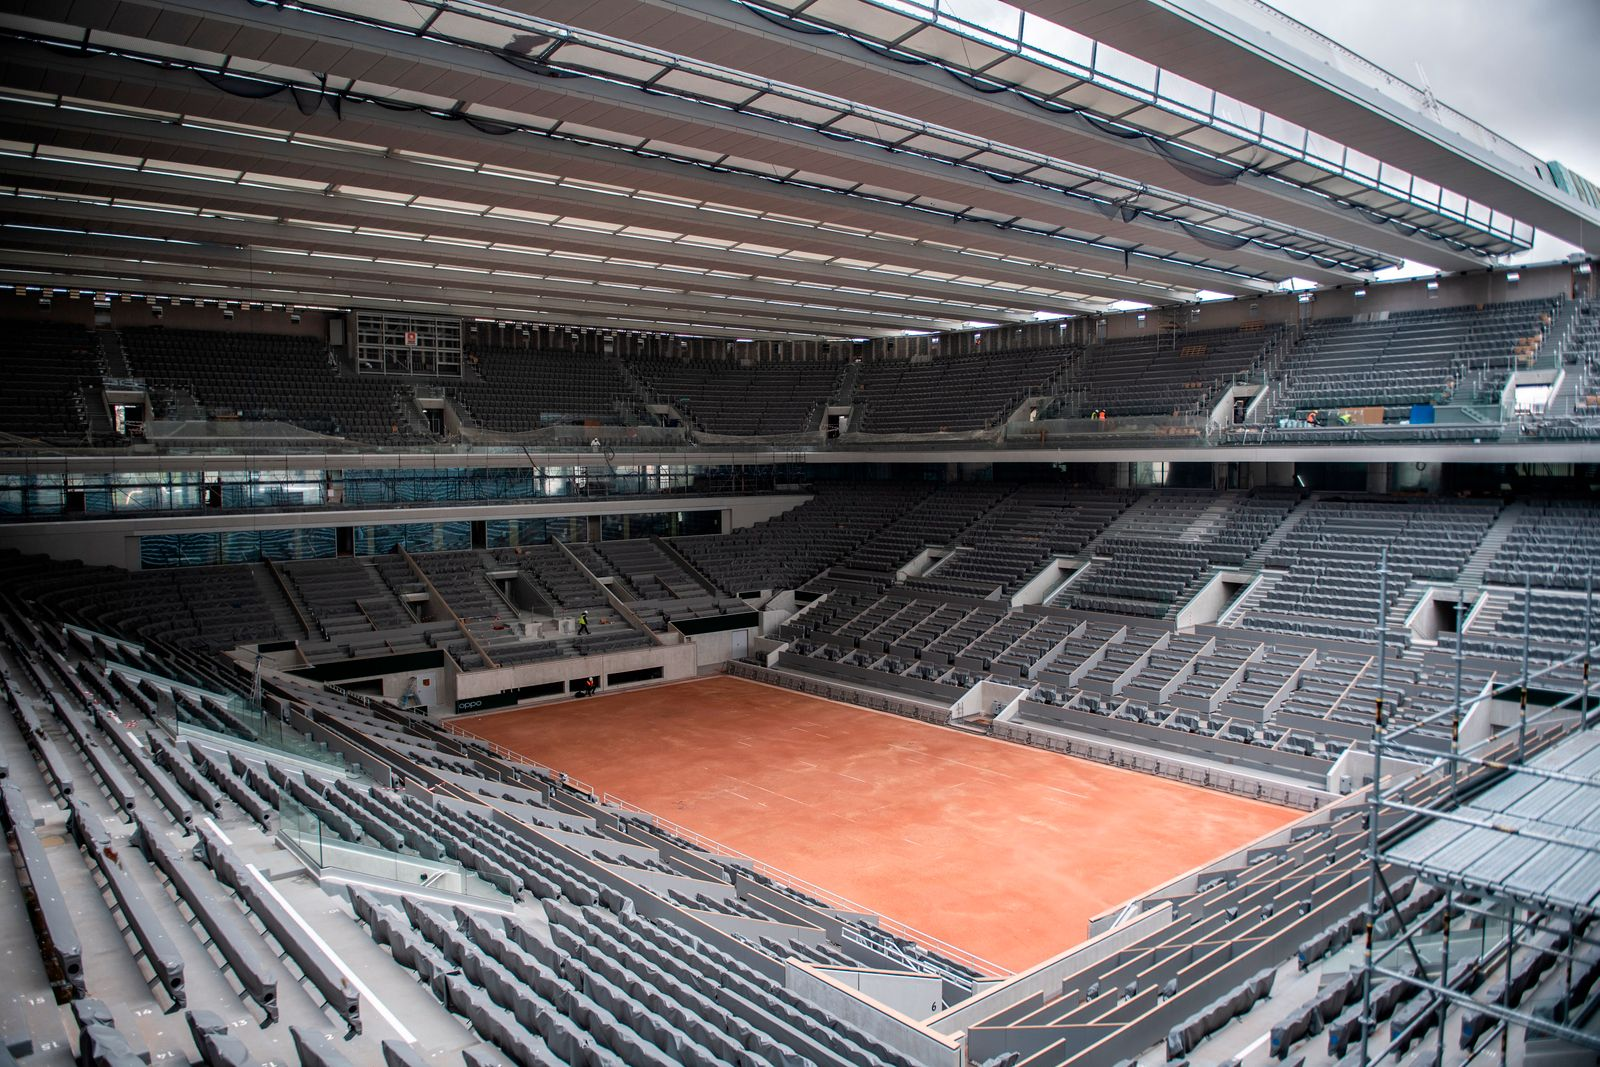 Virus Outbreak French Open Tennis